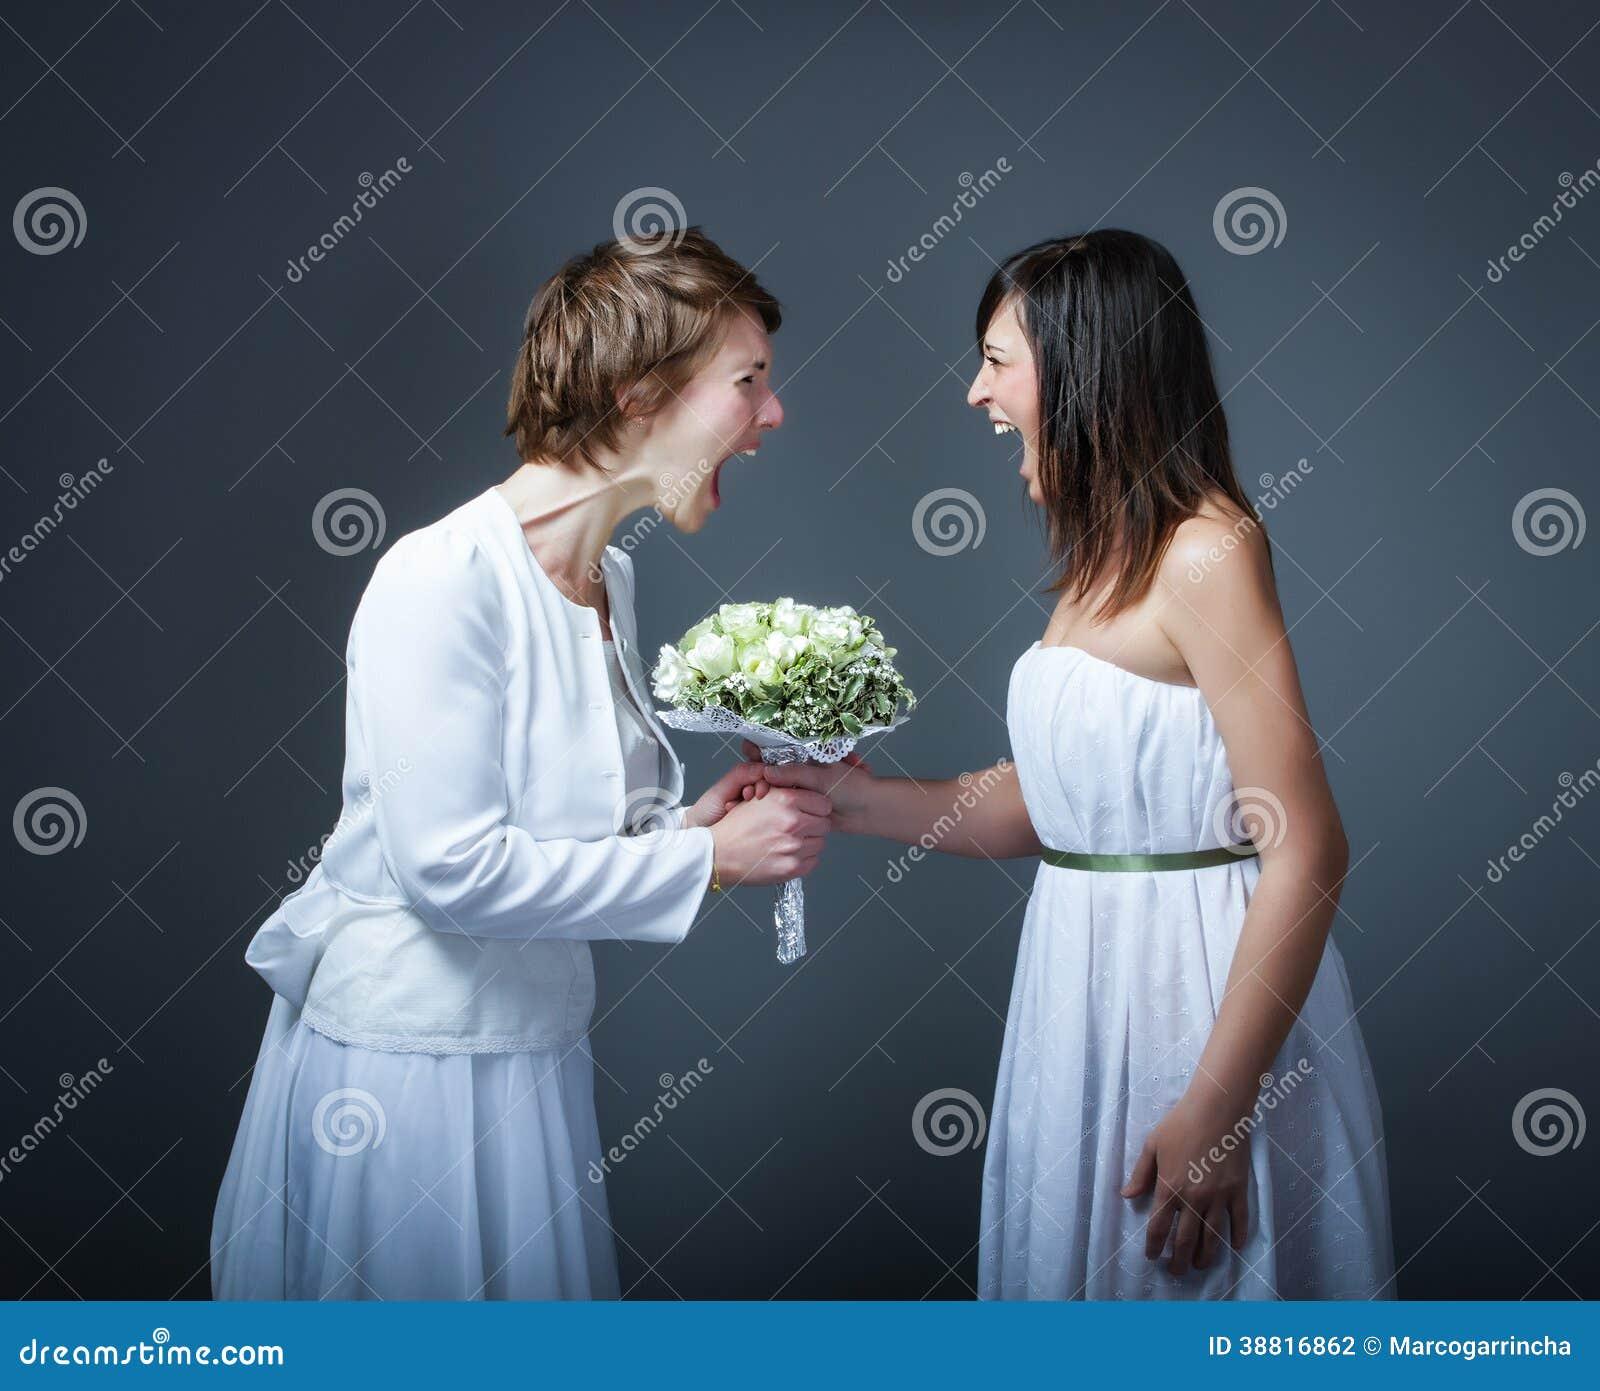 Giorno delle nozze nei problemi di una moglie